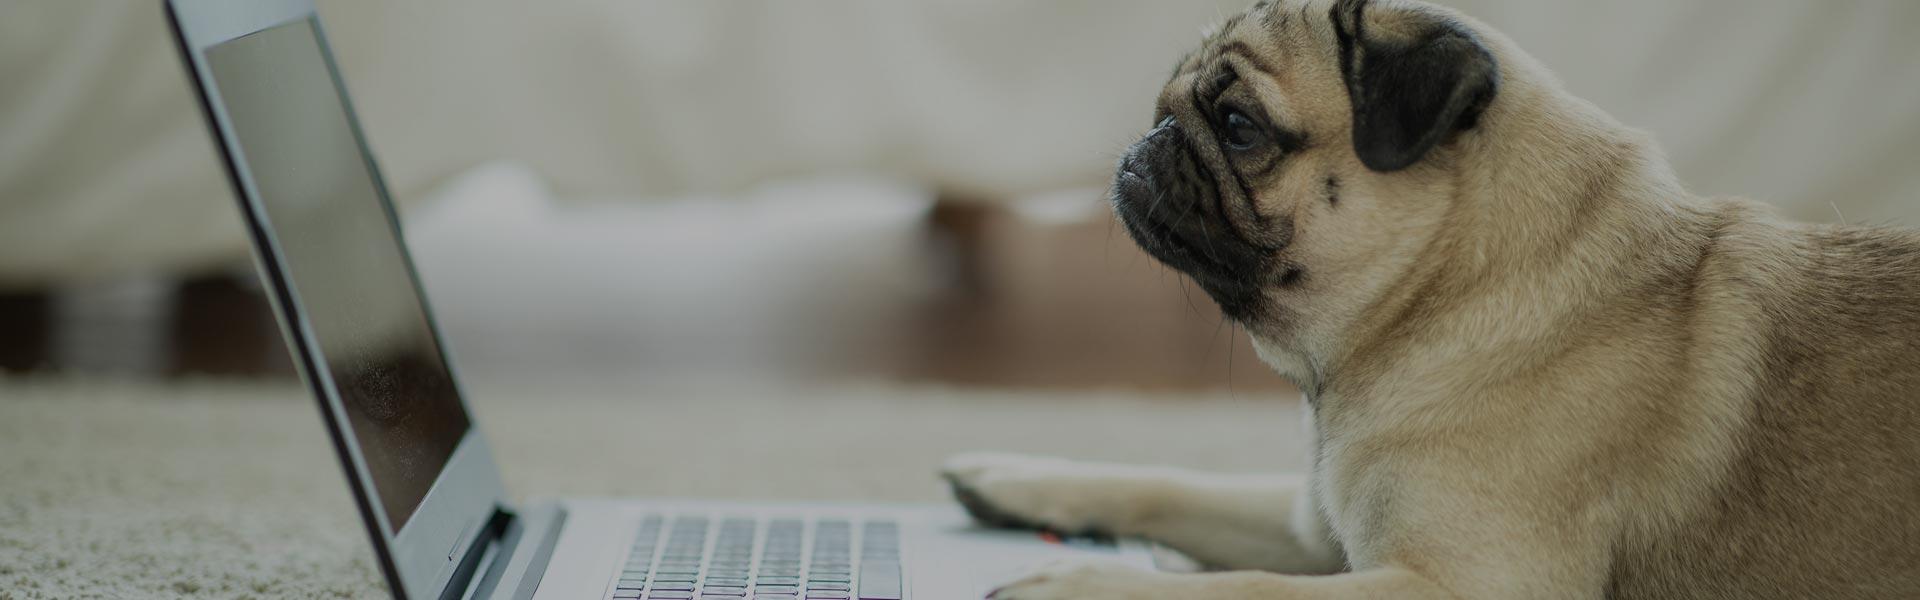 pug laying down staring at laptop